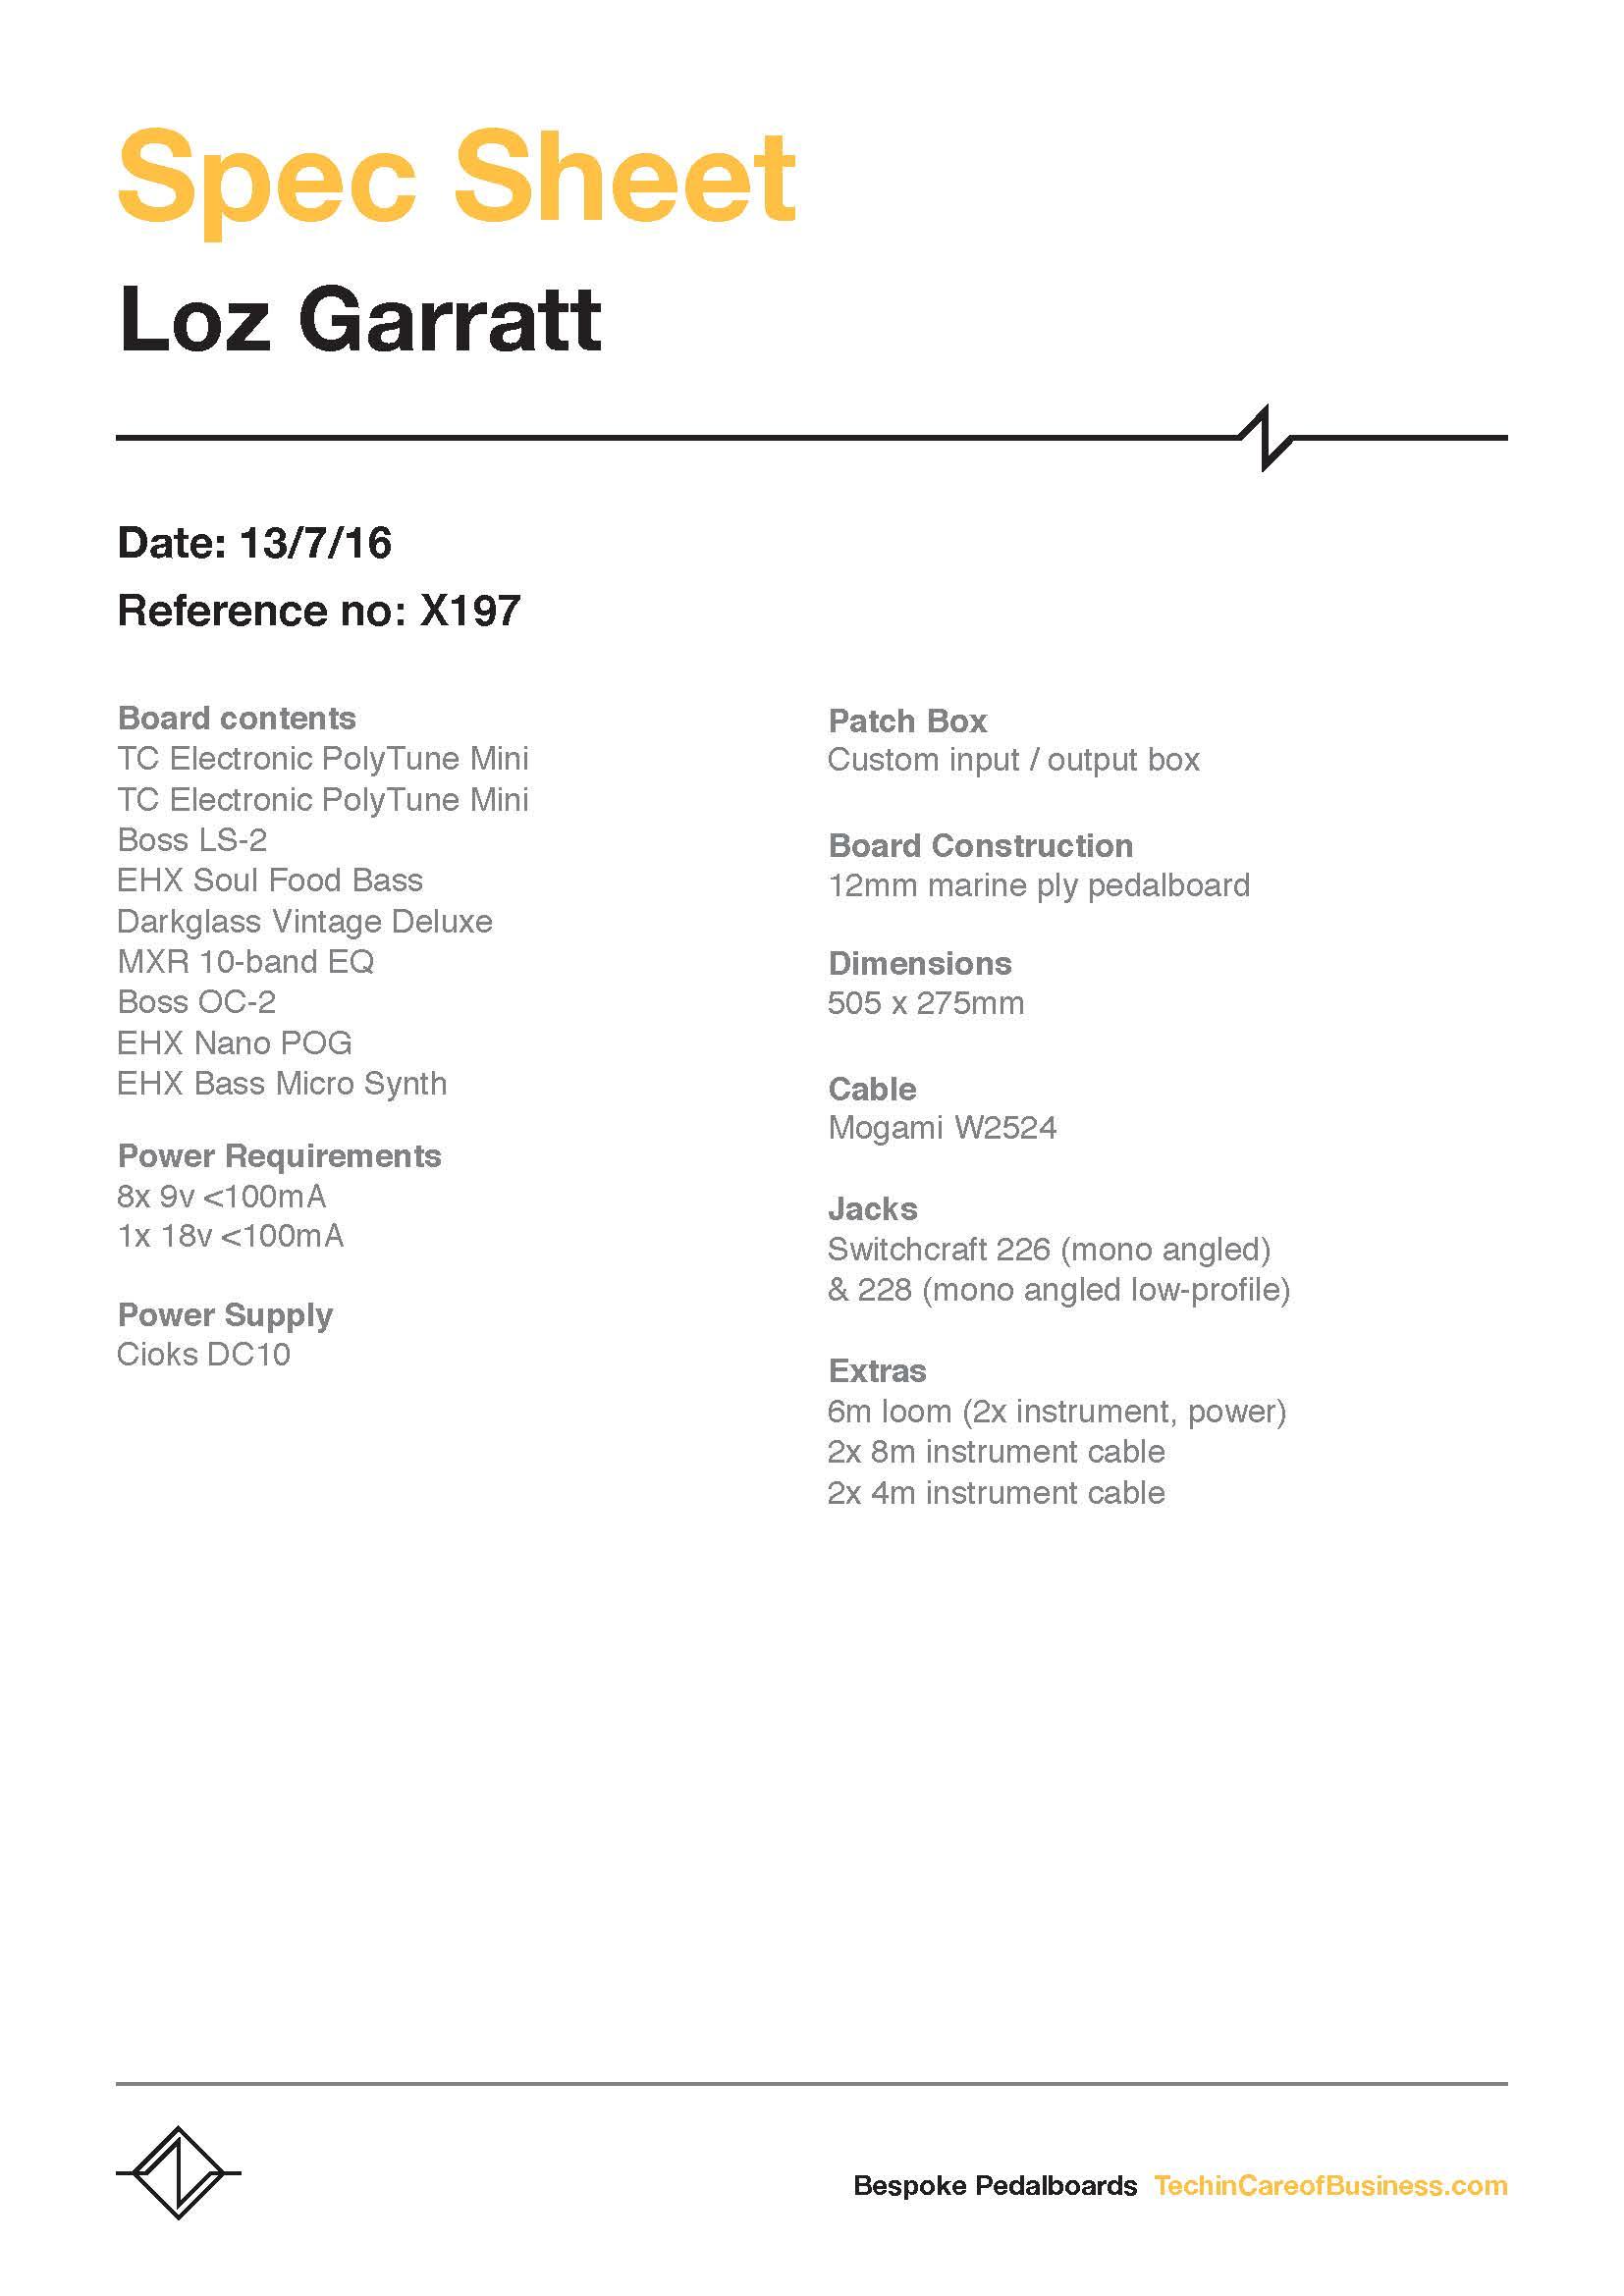 LG spec sheet.jpg